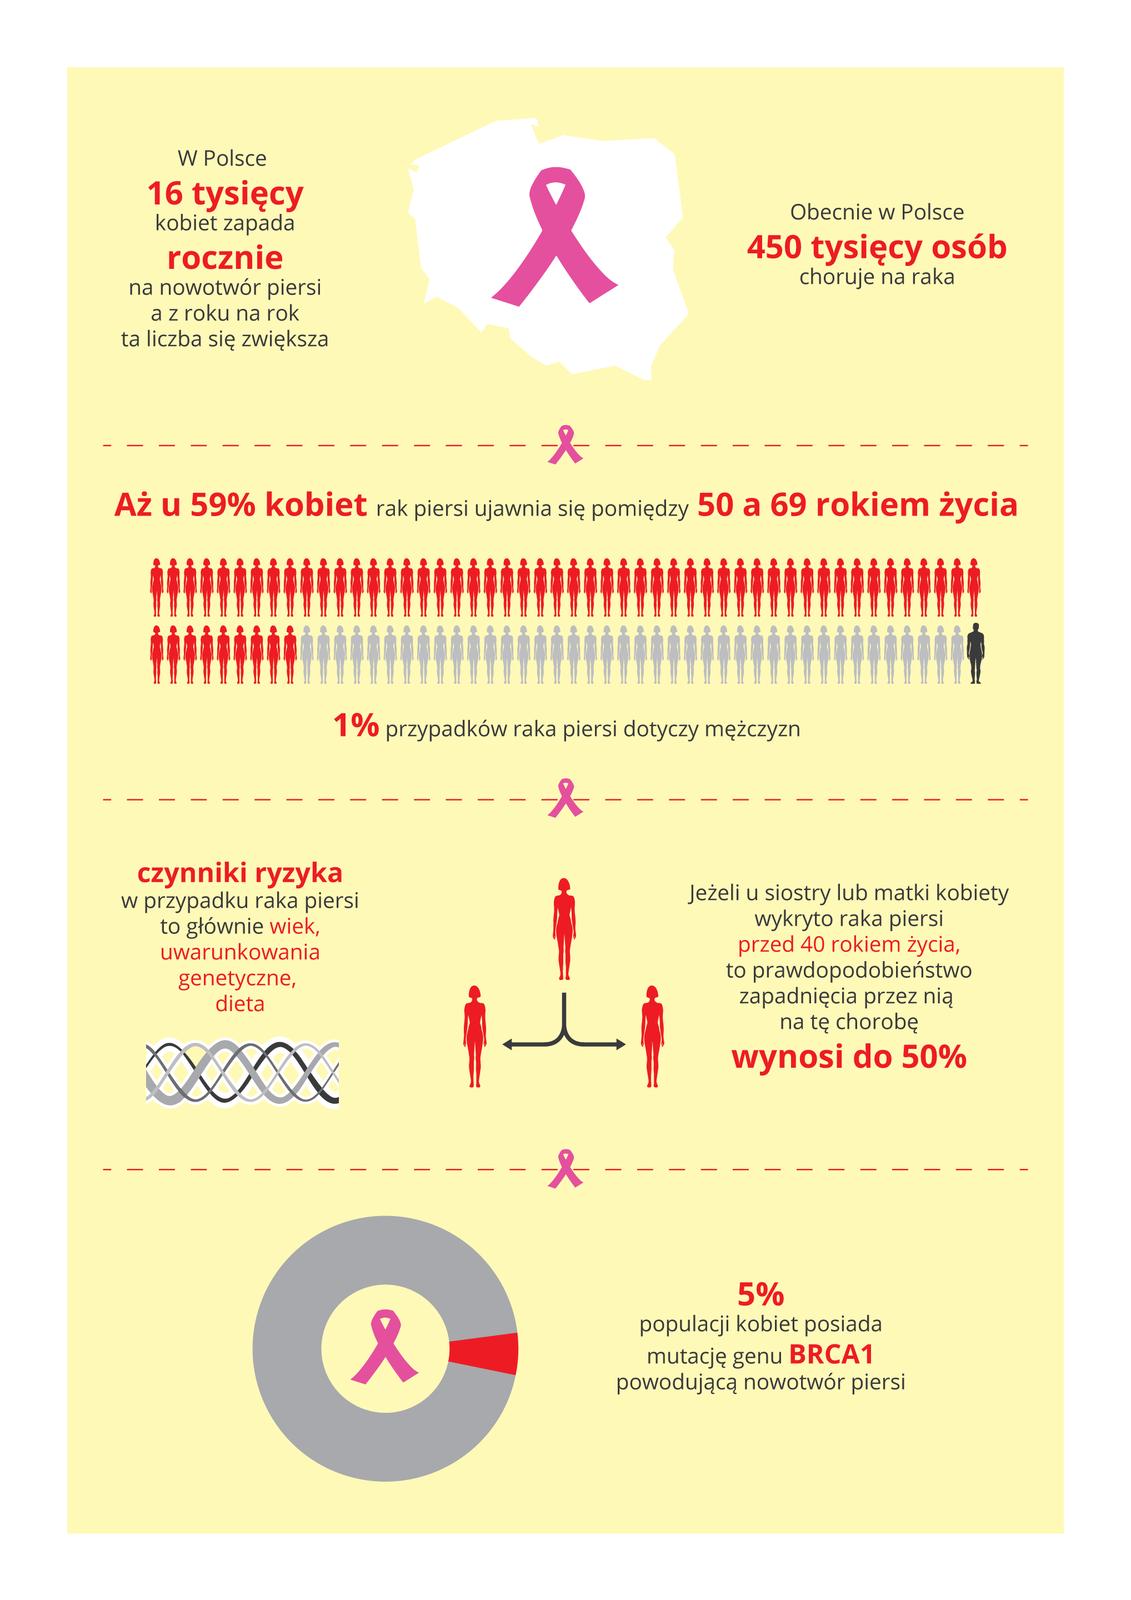 Ilustracja przedstawia na blado różowym tle informacje graficzne itekstowe onowotworze piersi ukobiet wPolsce. Użyto symbolu różowej wstążki, oznaczającej raka piersi. Od góry opisano: ilość zachorowań, procentową zapadalność na tę chorobę, czynniki ryzyka ina końcu szary wykres pierścieniowy, obrazujący procent populacji kobiet zmutacją genu BRCA 1, powodującą raka piersi. WPolsce 16000 kobiet rocznie zapada na nowotwór piersi.Obecnie choruje 450 000 kobietRak piersi ujawnia się u59% kobiet między 50 a69 rokiem życiaNa raka piersi choruje 1% mężczyznRyzyko zachorowania wynosi 50%, jeżeli siostra lub matka kobiety zachorowały przed 40 rokiem życia.